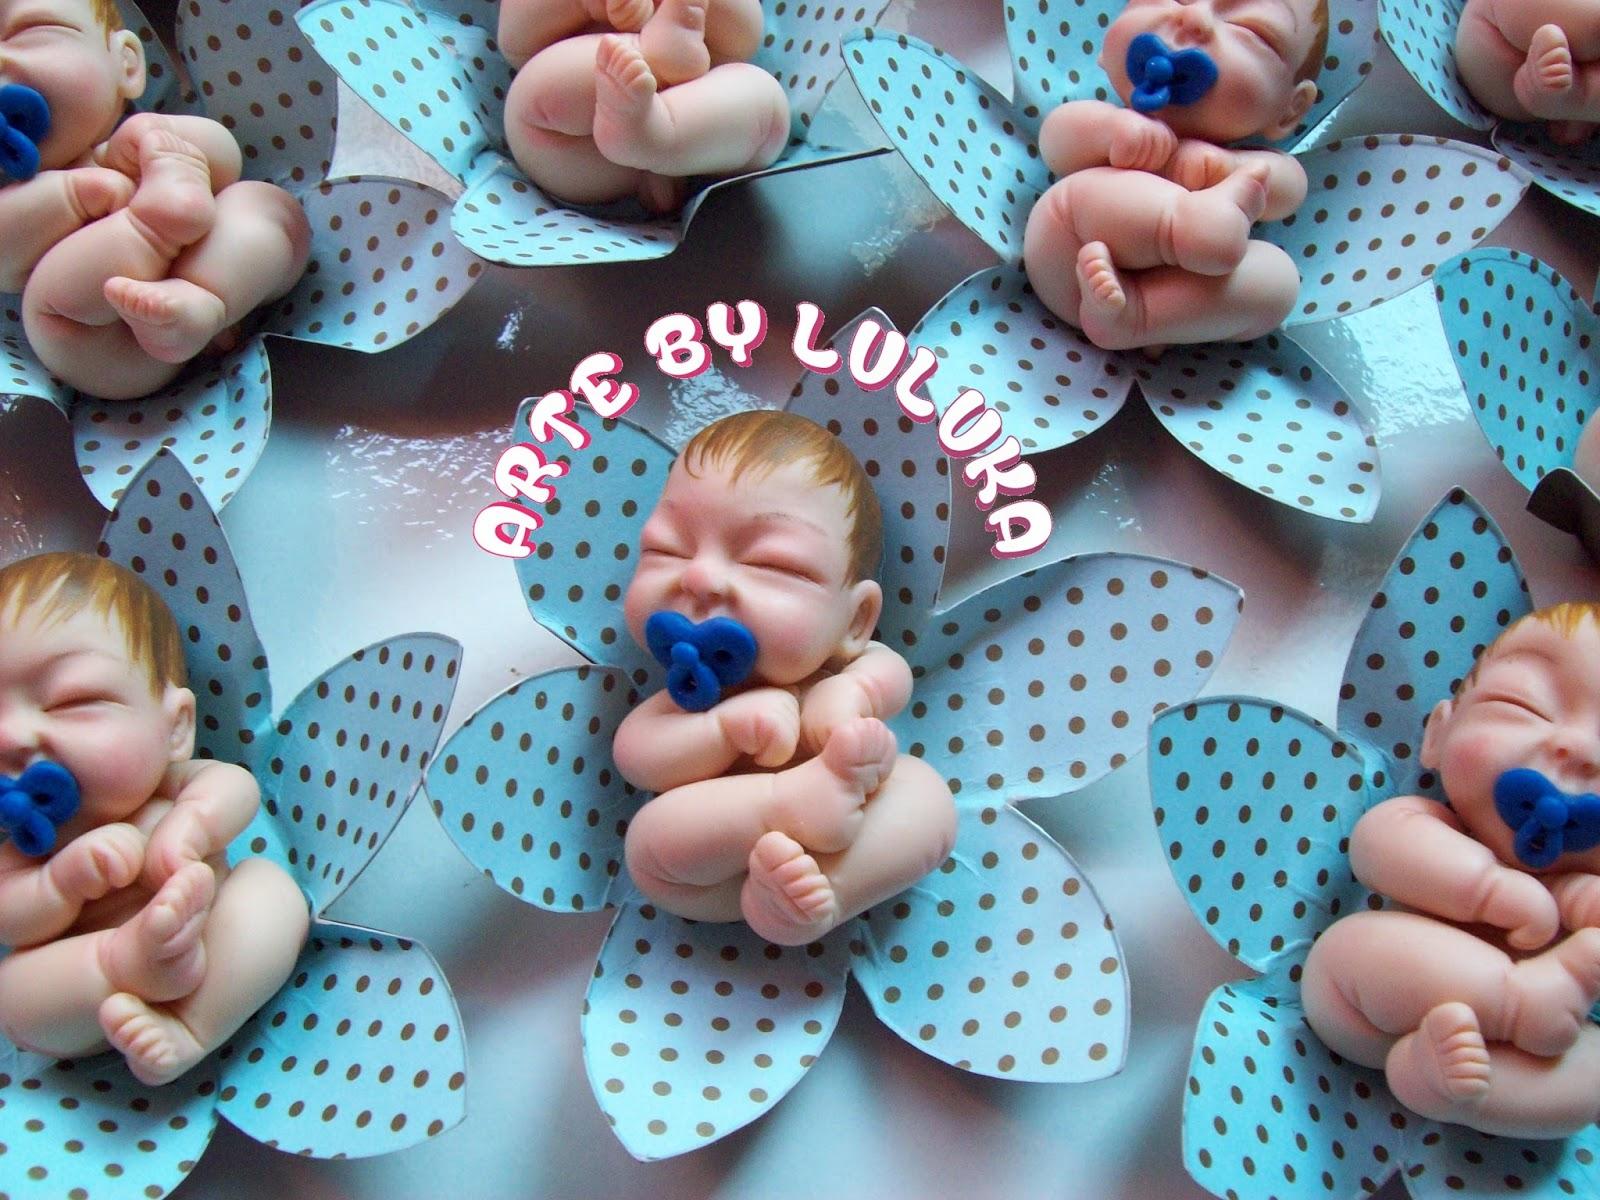 Ropa para bebés niña - Compra online ropa de bebés